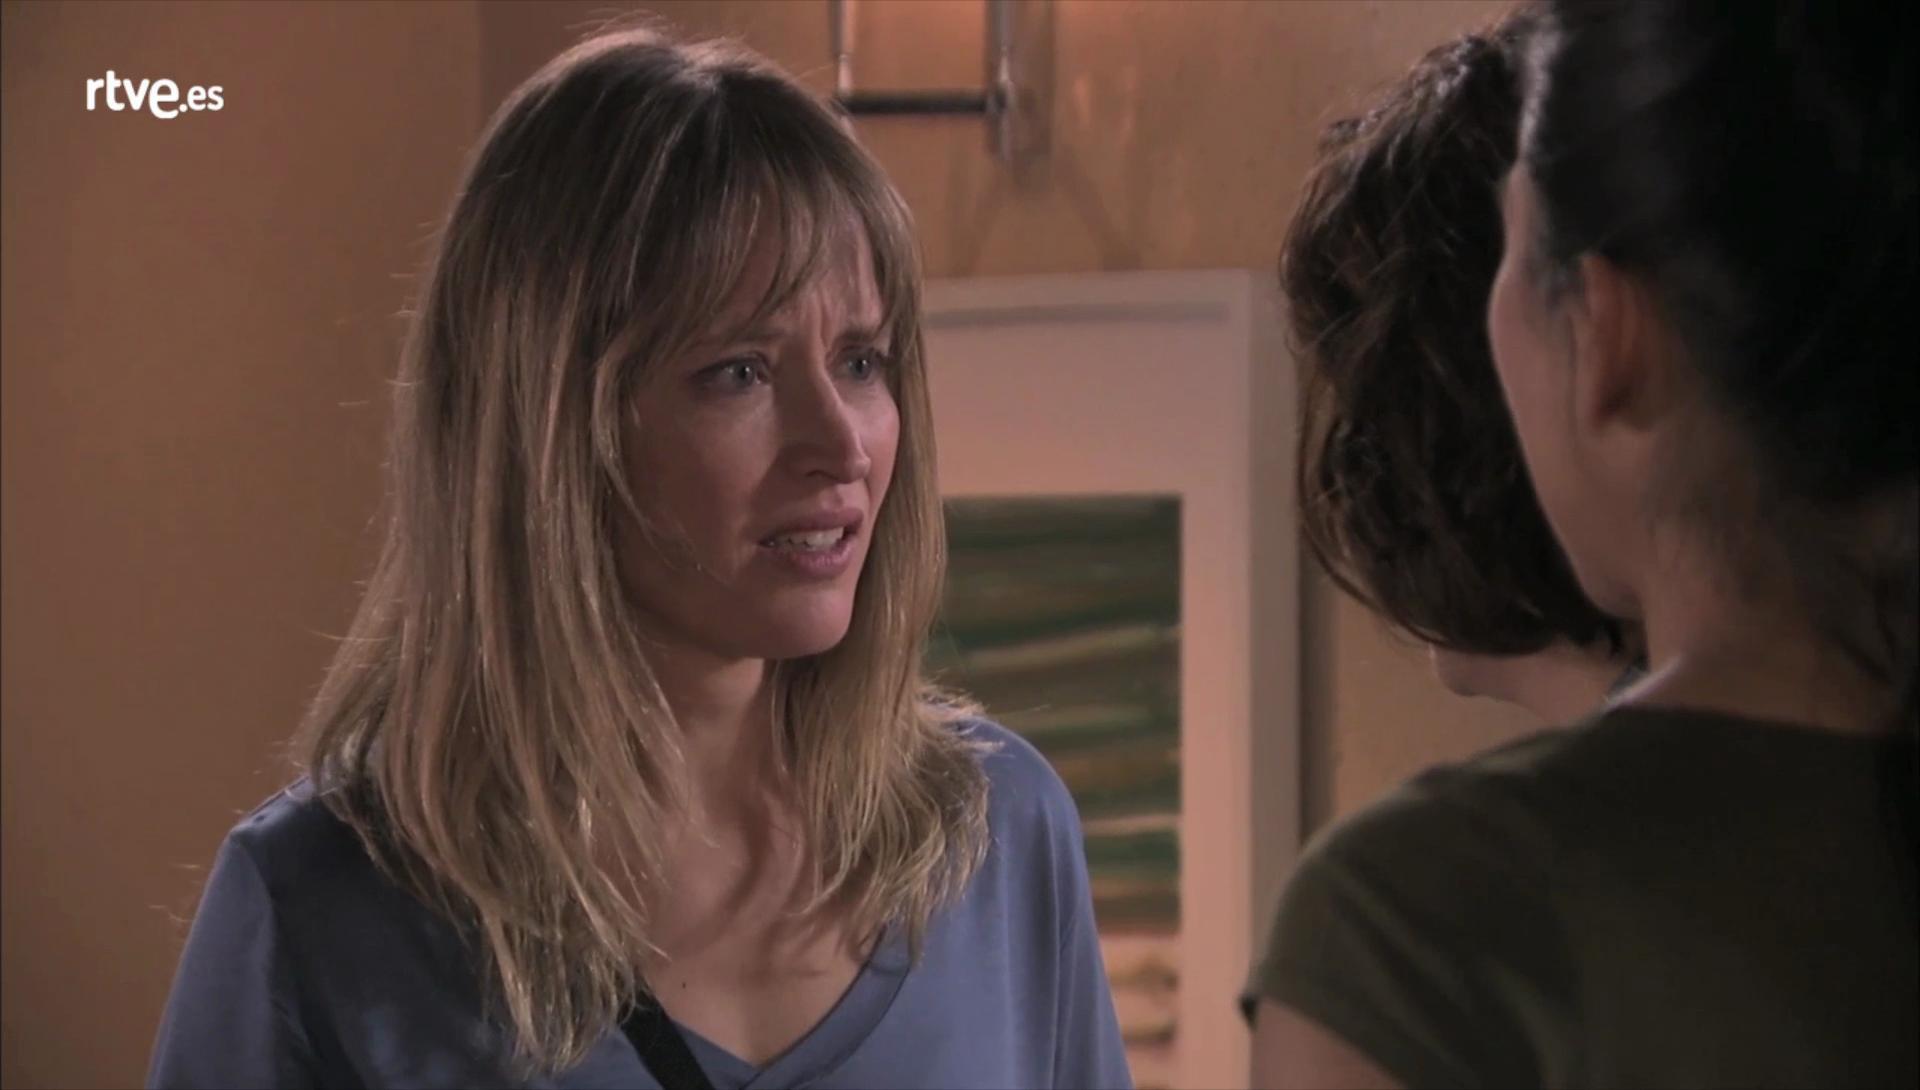 Servir y proteger - Nora descubre a Teresa y Nacha reconciliándose